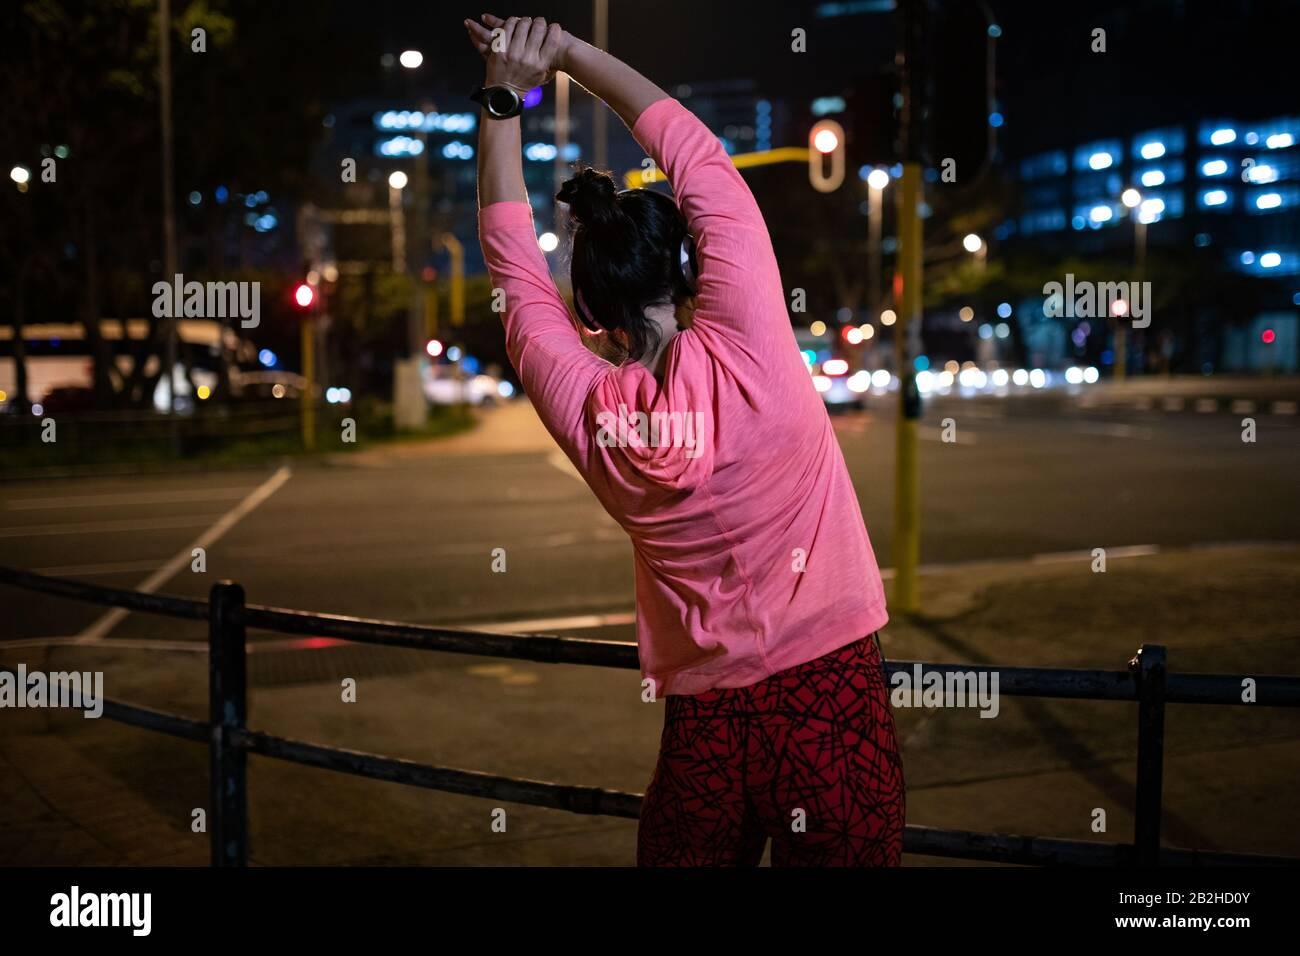 Femme vue arrière s'étirant avant de courir Banque D'Images